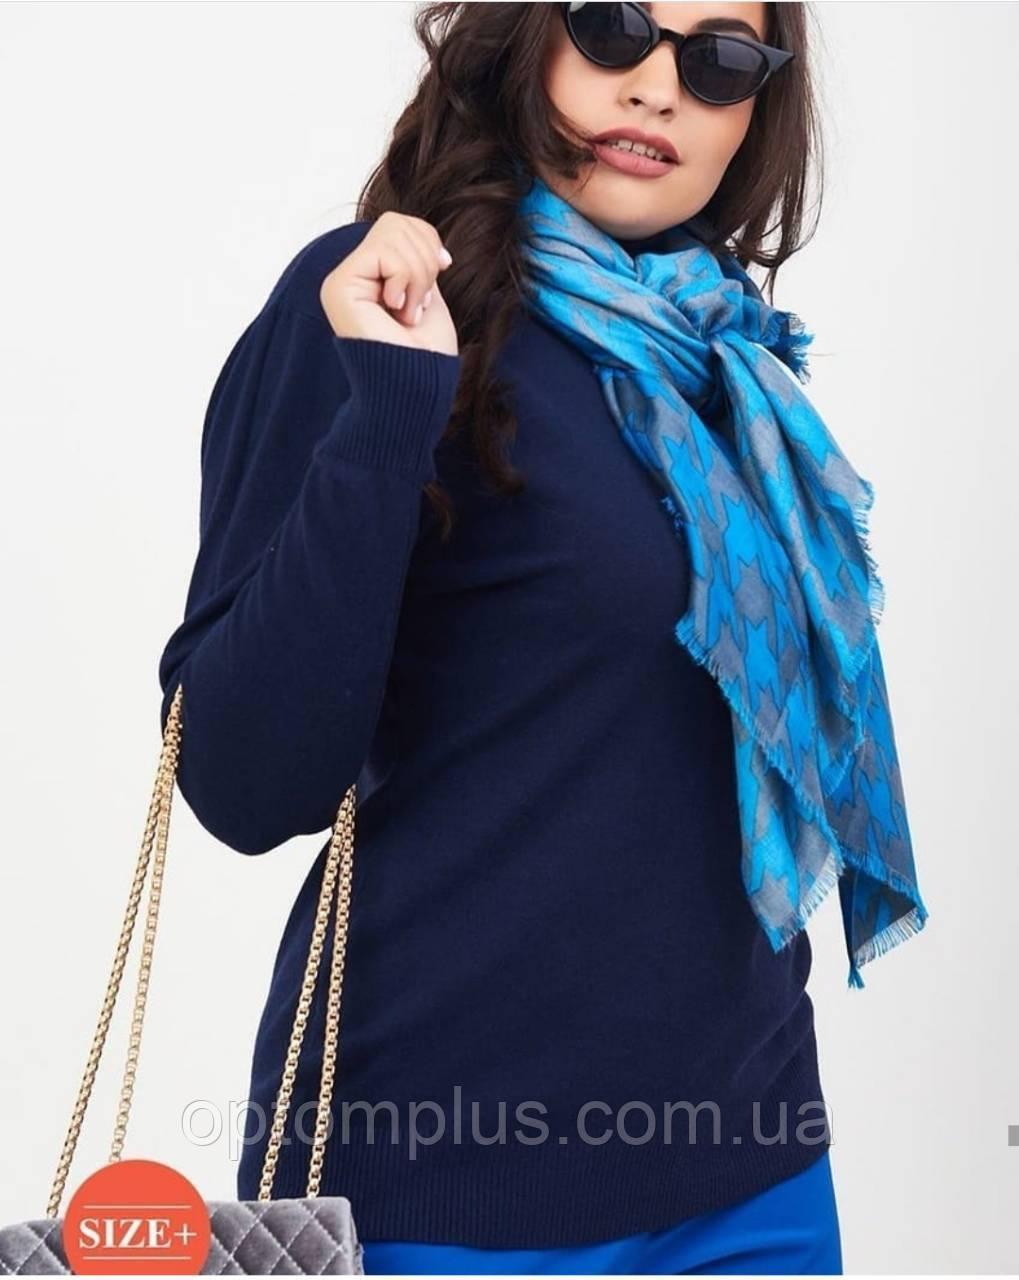 """Гольфи """"База"""" горло з відворотом, середньої щільності жіночі батал (50-56) купити оптом від складу 7 км"""